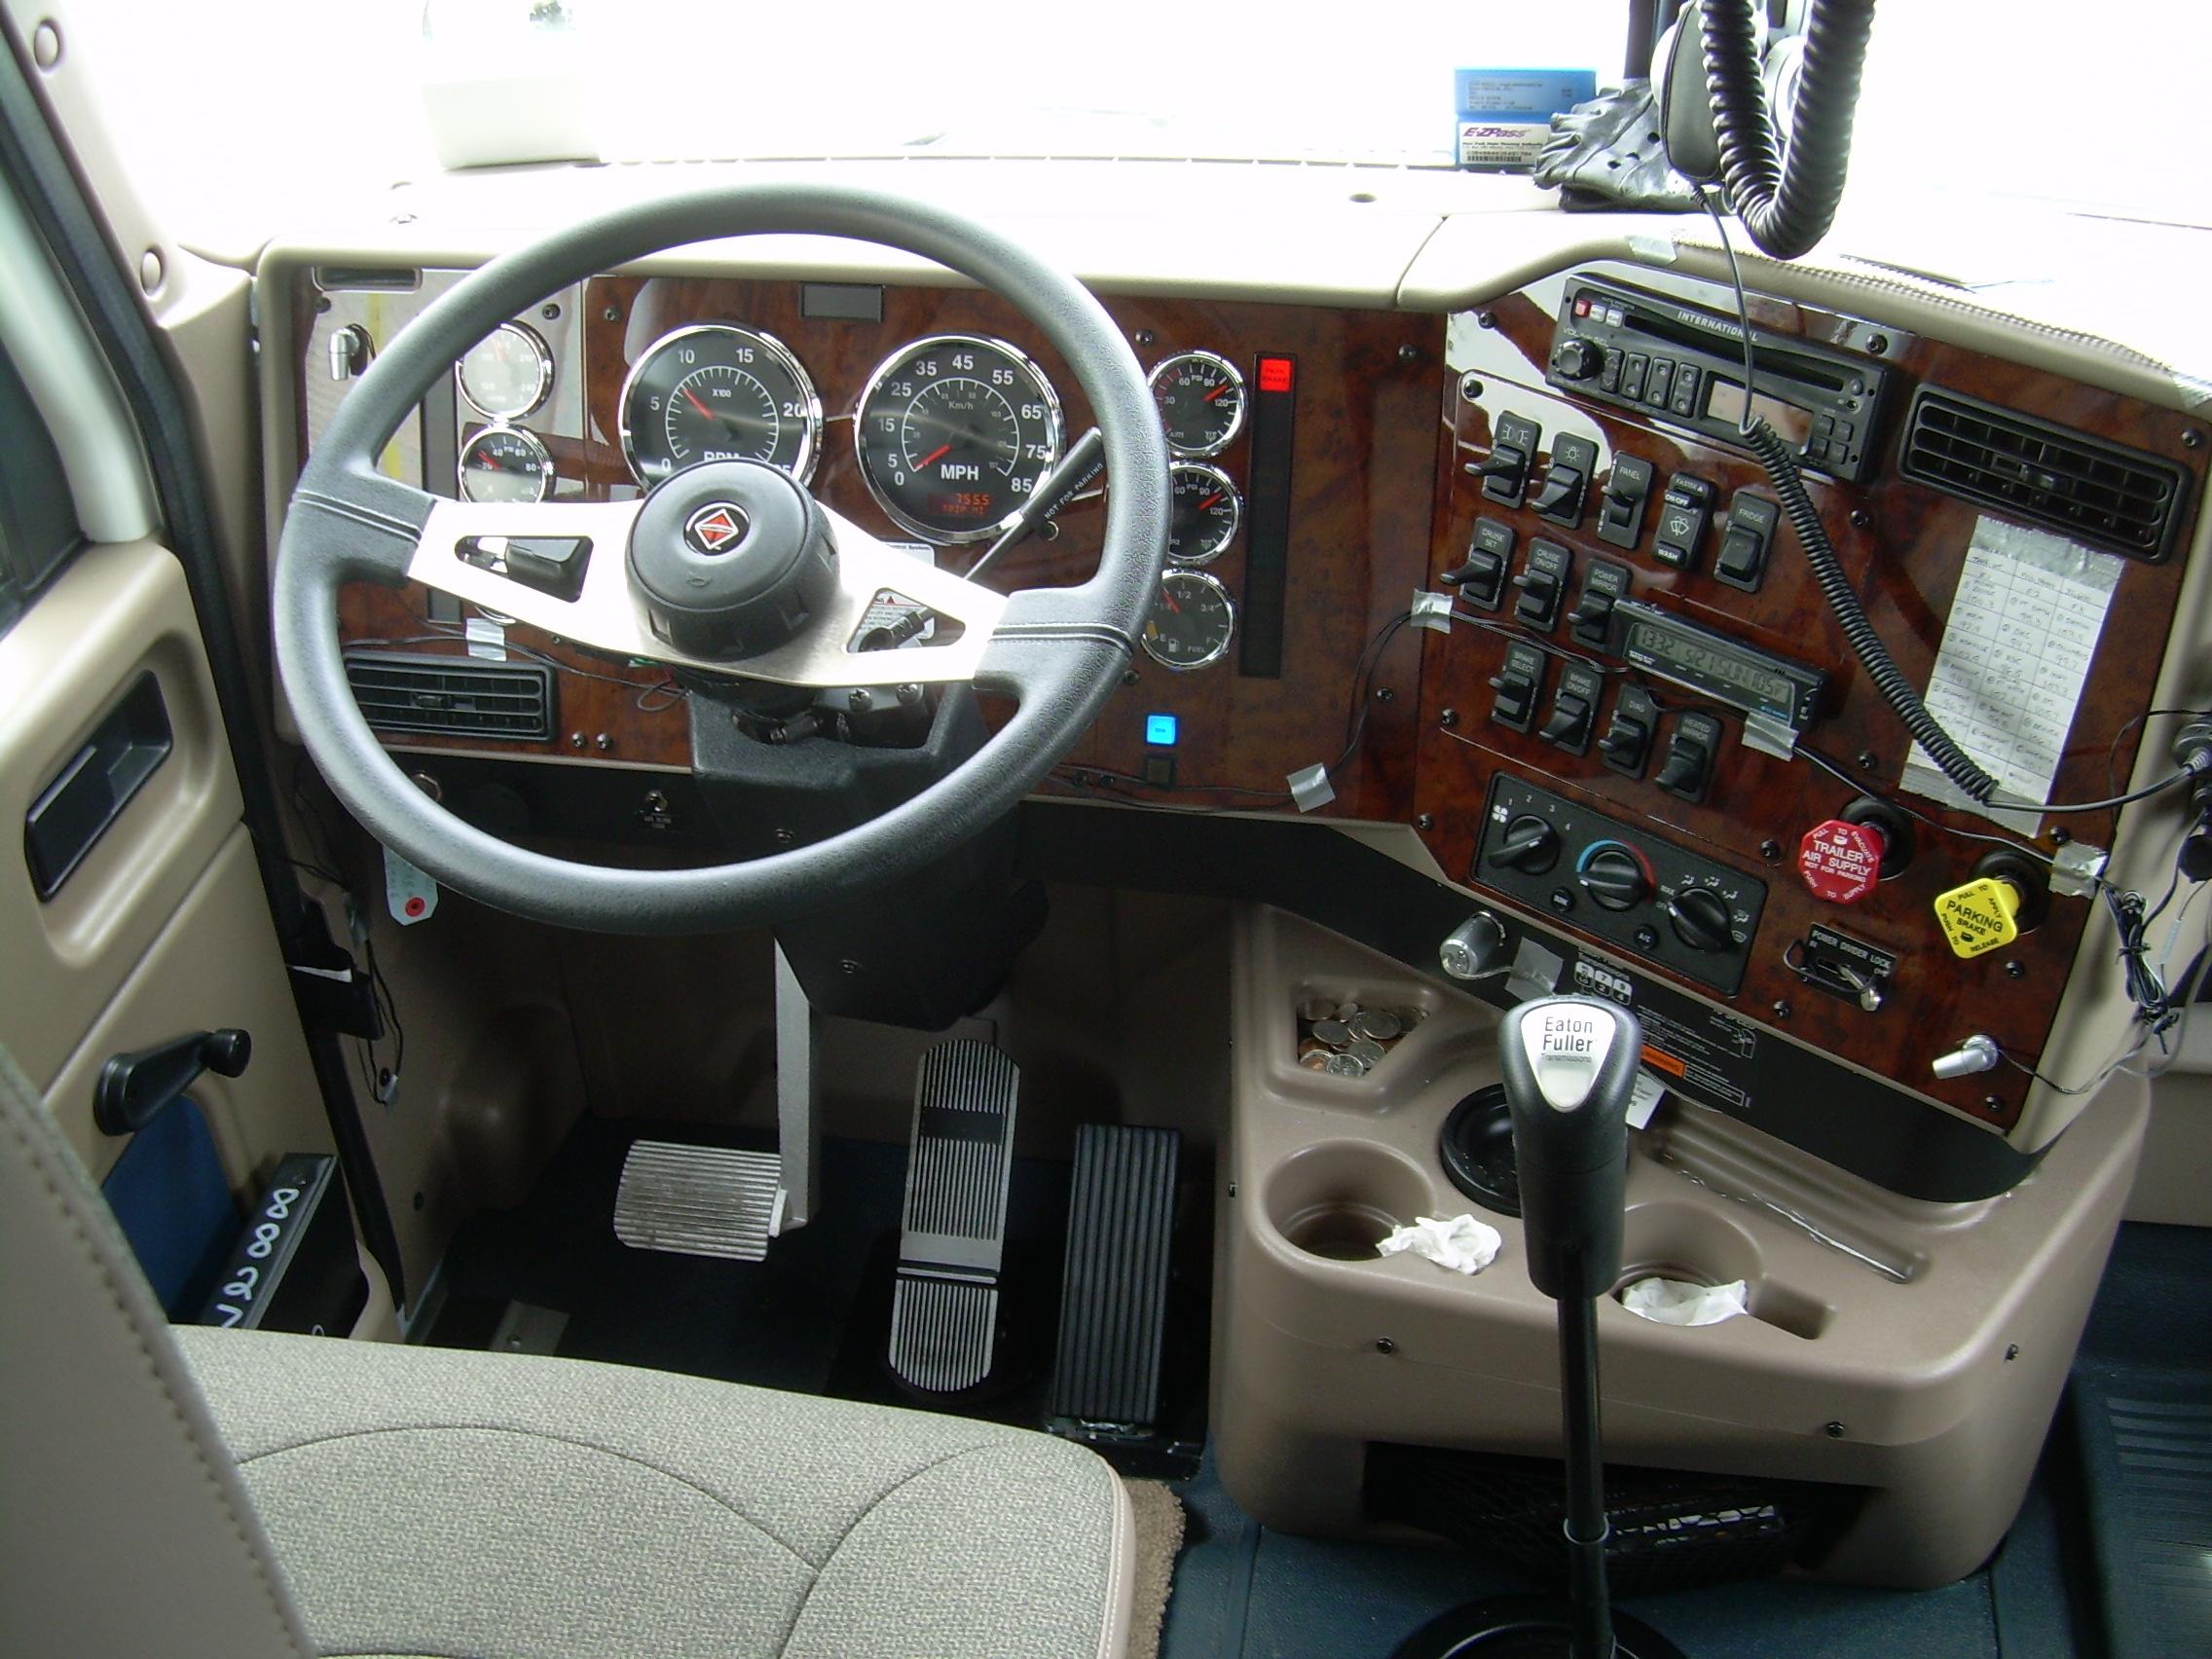 Knight Transportation International Prostar